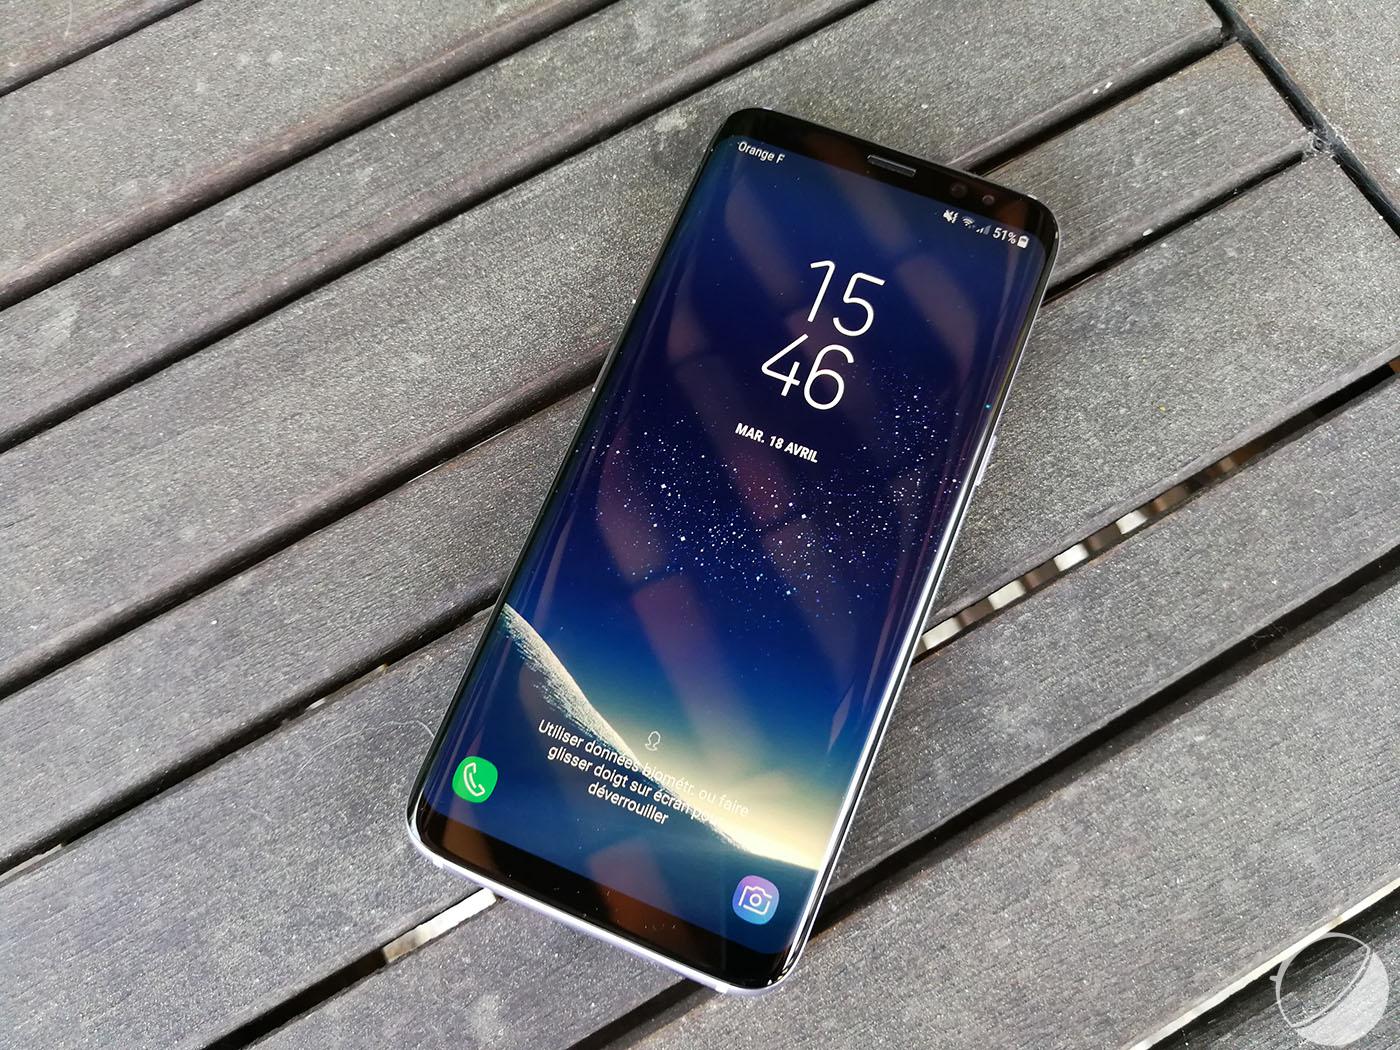 Mise à jour du 22 02   Fin du feuilleton   le déploiement reprend enfin  pour Oreo sur les Galaxy S8 et S8+. Comme convenu, une nouvelle version est  déployée ... eb19e26346e8